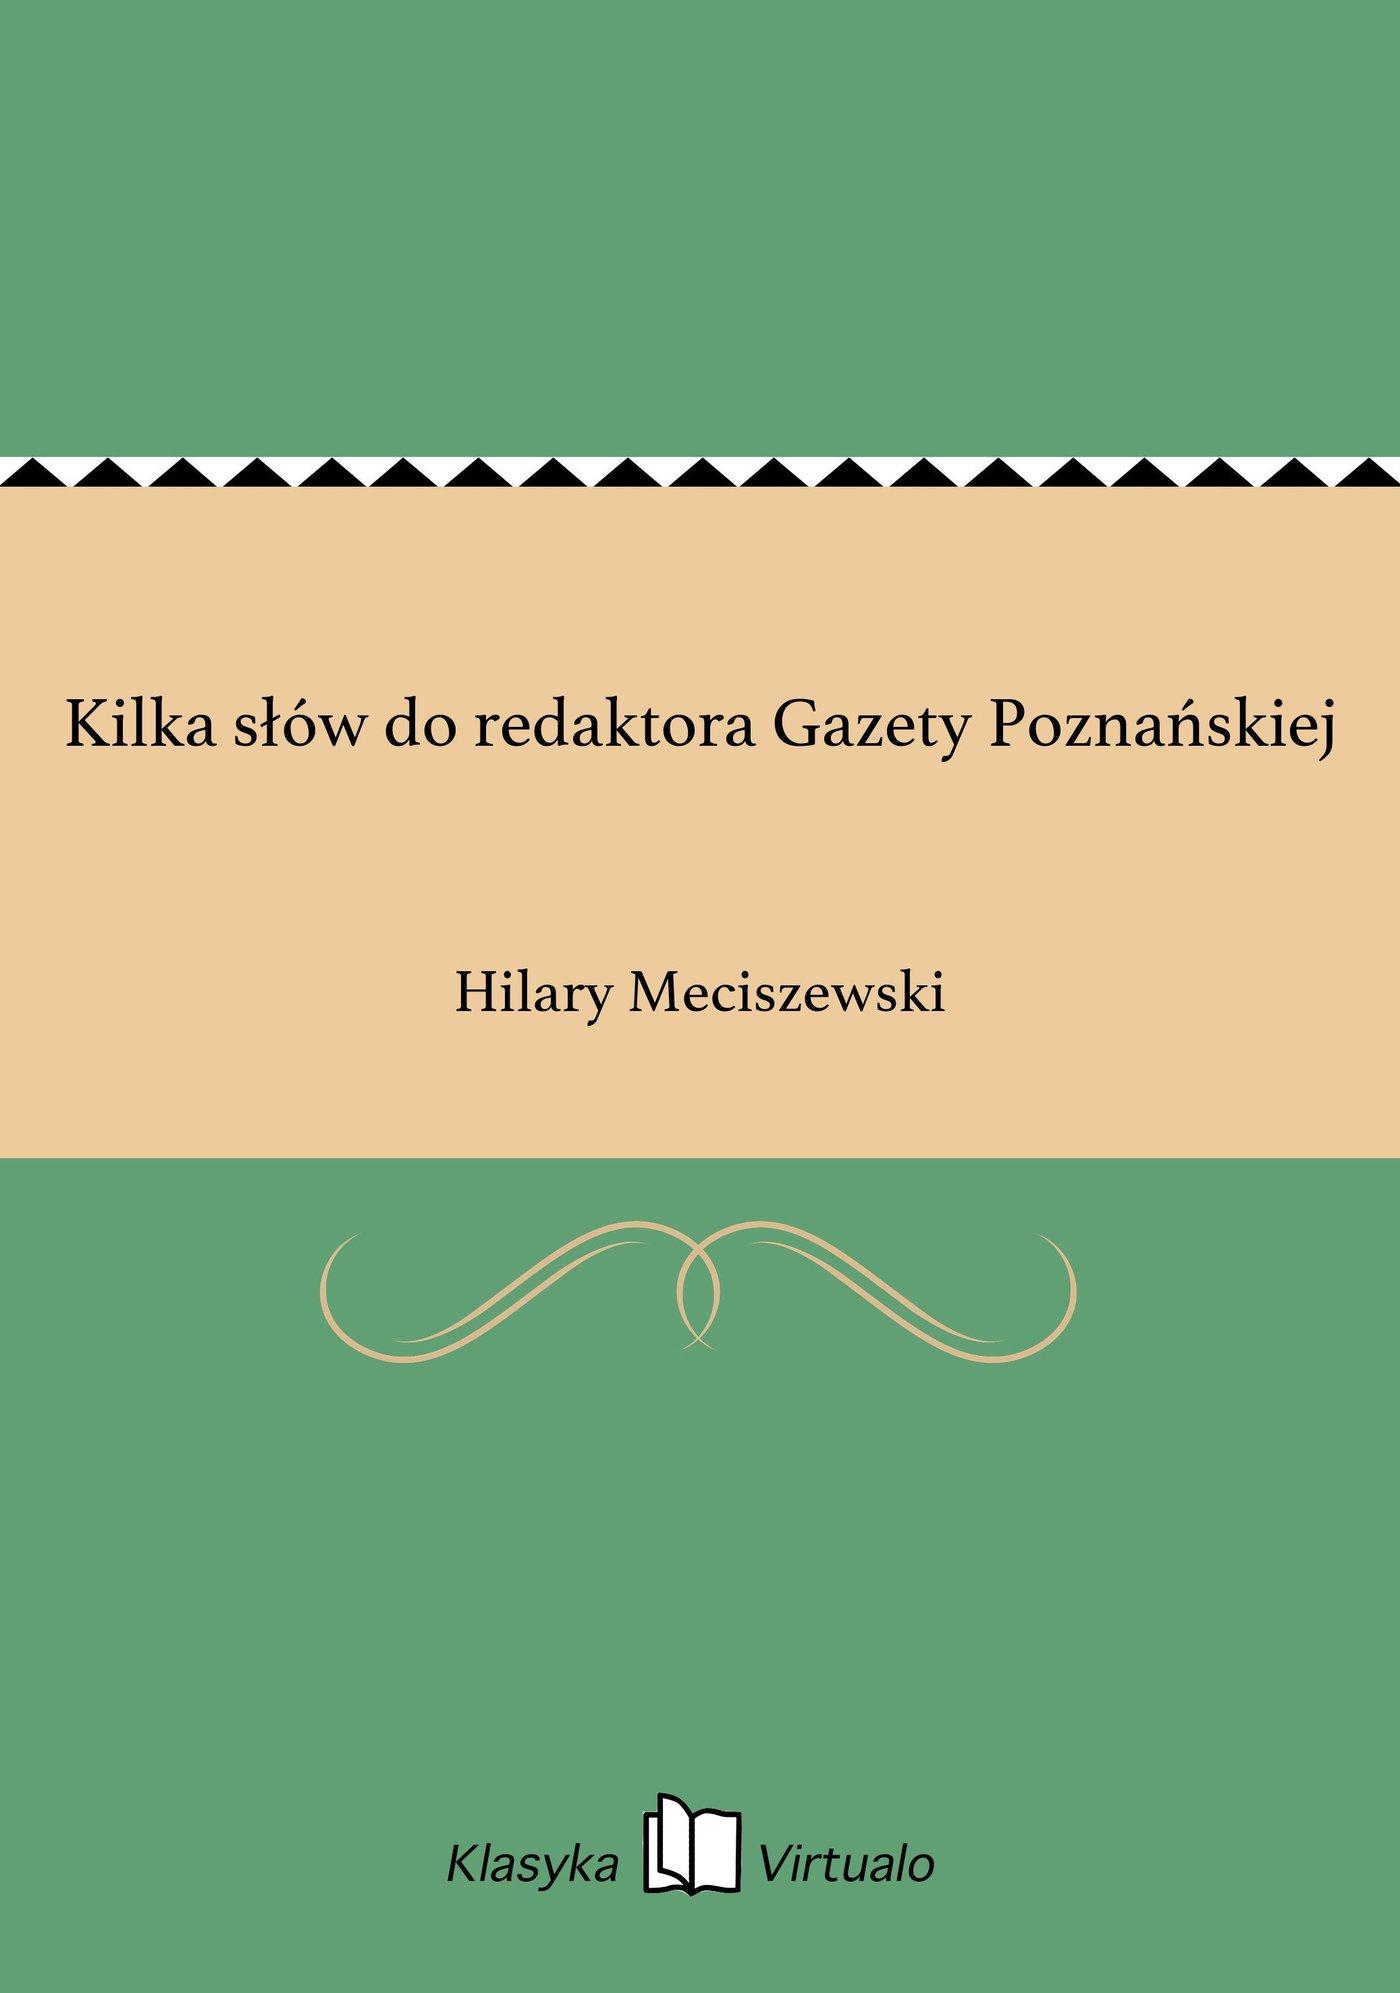 Kilka słów do redaktora Gazety Poznańskiej - Ebook (Książka EPUB) do pobrania w formacie EPUB